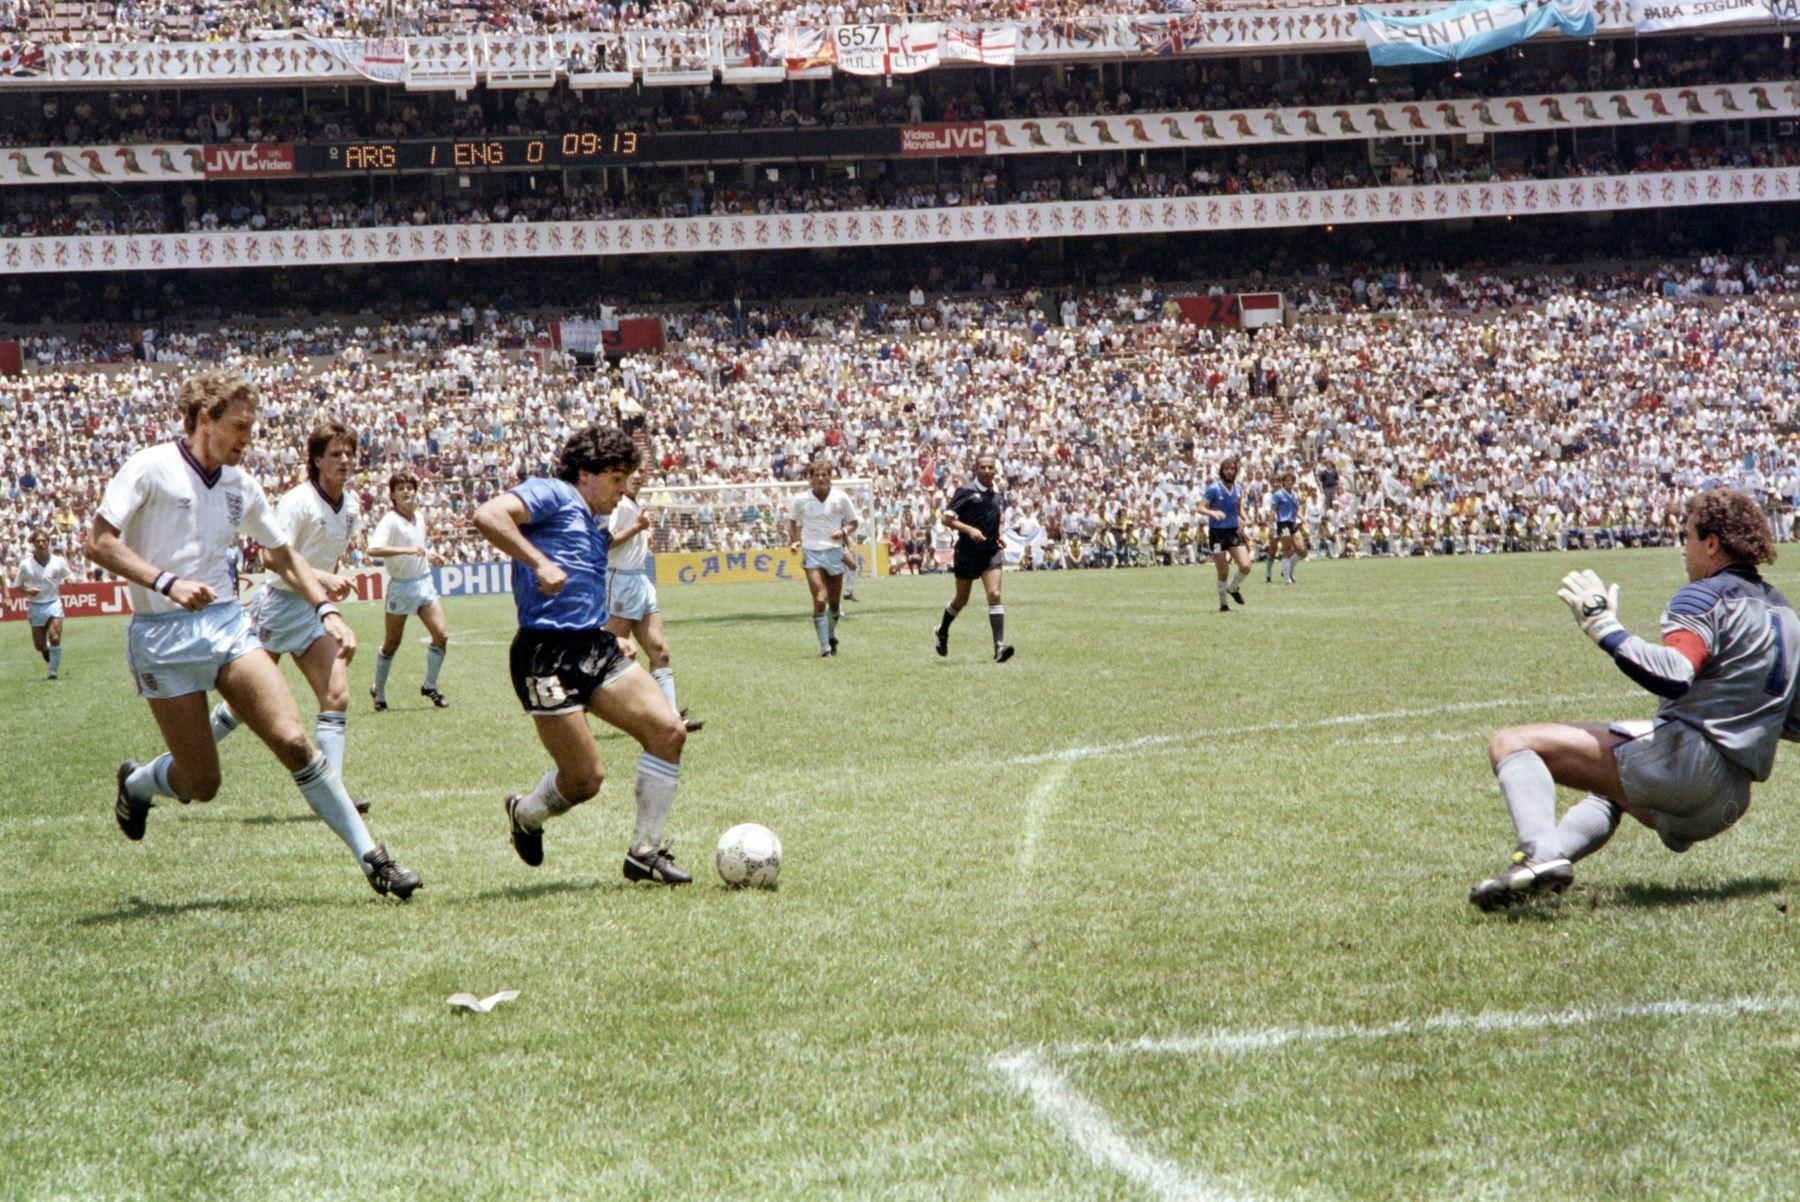 """En esta foto de archivo tomada el 22 de junio de 1986, el delantero argentino Diego Armando Maradona pasa junto al defensa inglés Terry Butcher en su camino hacia el portero Peter Shilton y anotando su segundo gol, o """"gol del siglo"""", durante el partido de cuartos de final de la Copa del Mundo entre Argentina e Inglaterra en 1986, en la Ciudad de México. Foto: AFP"""